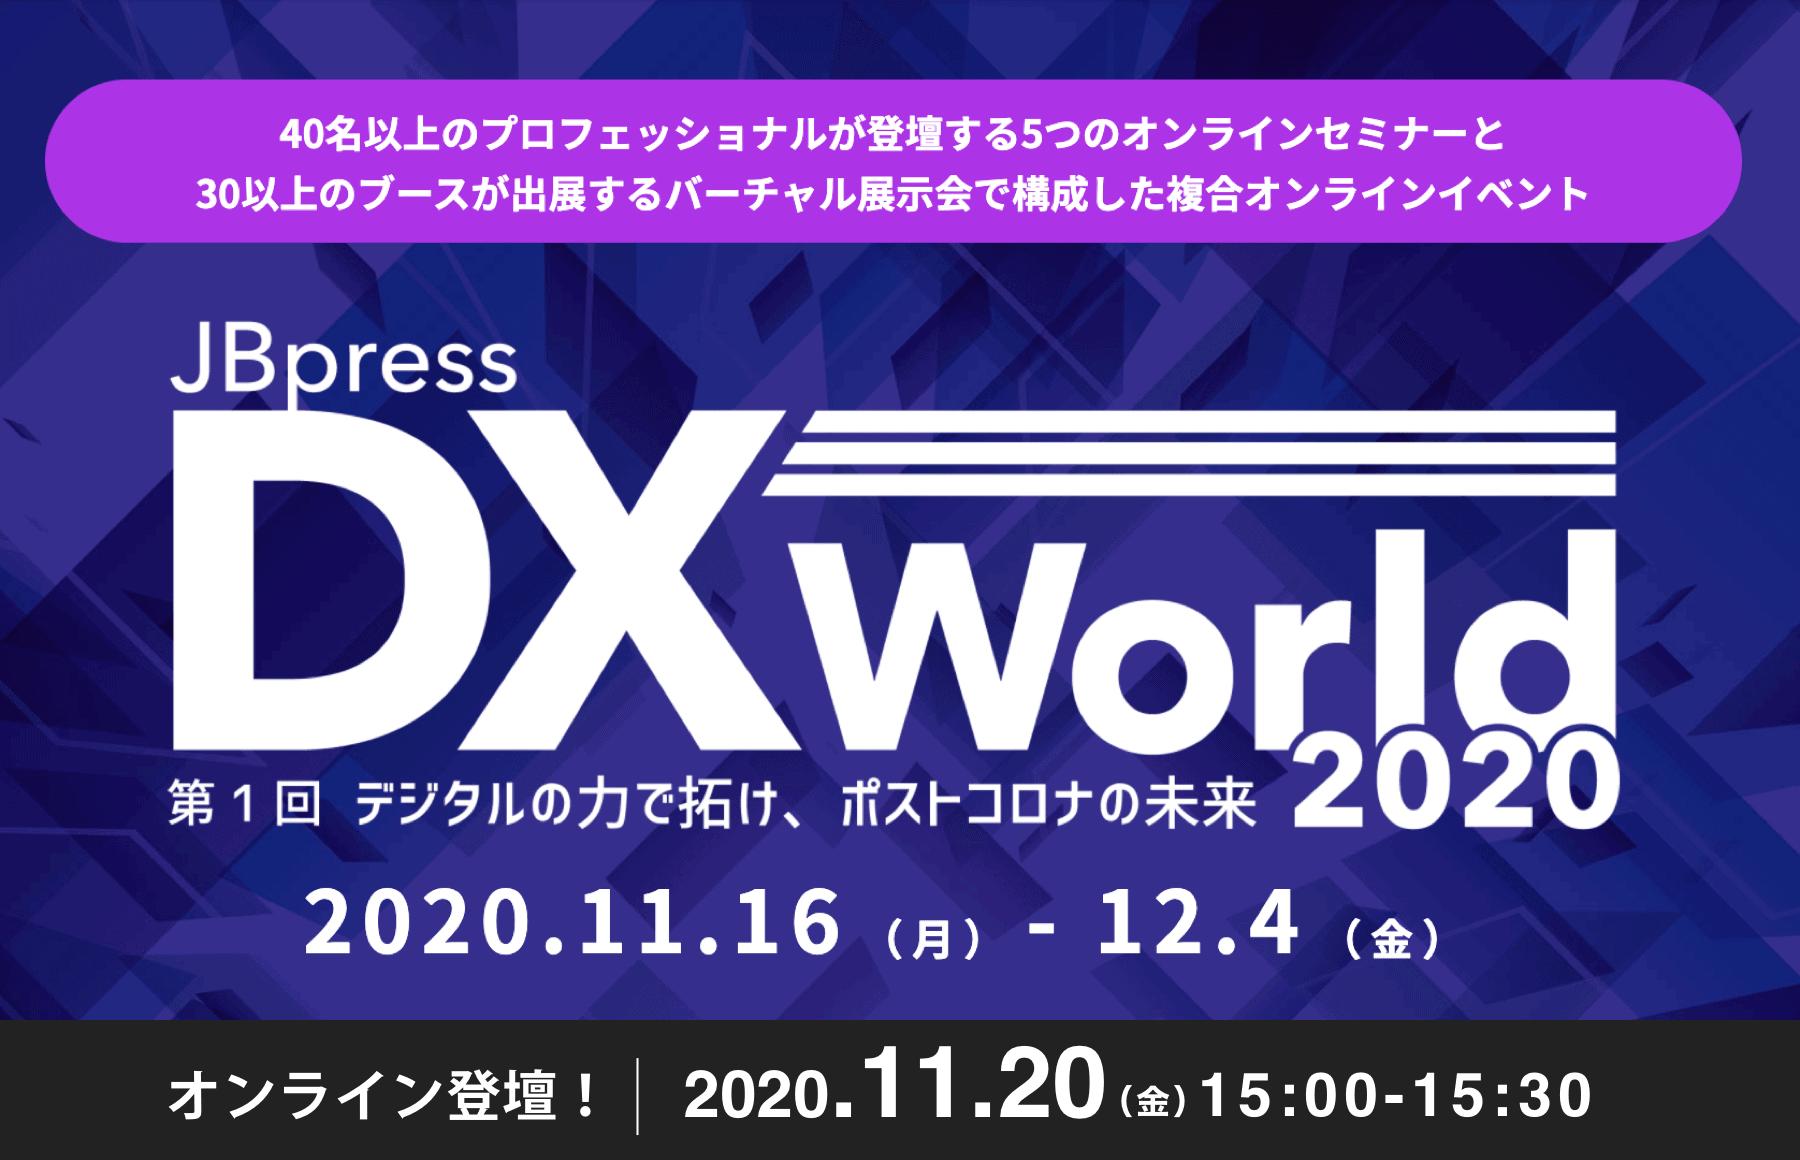 11/20(金)JBpress DX world リテール DX フォーラムに登壇します!